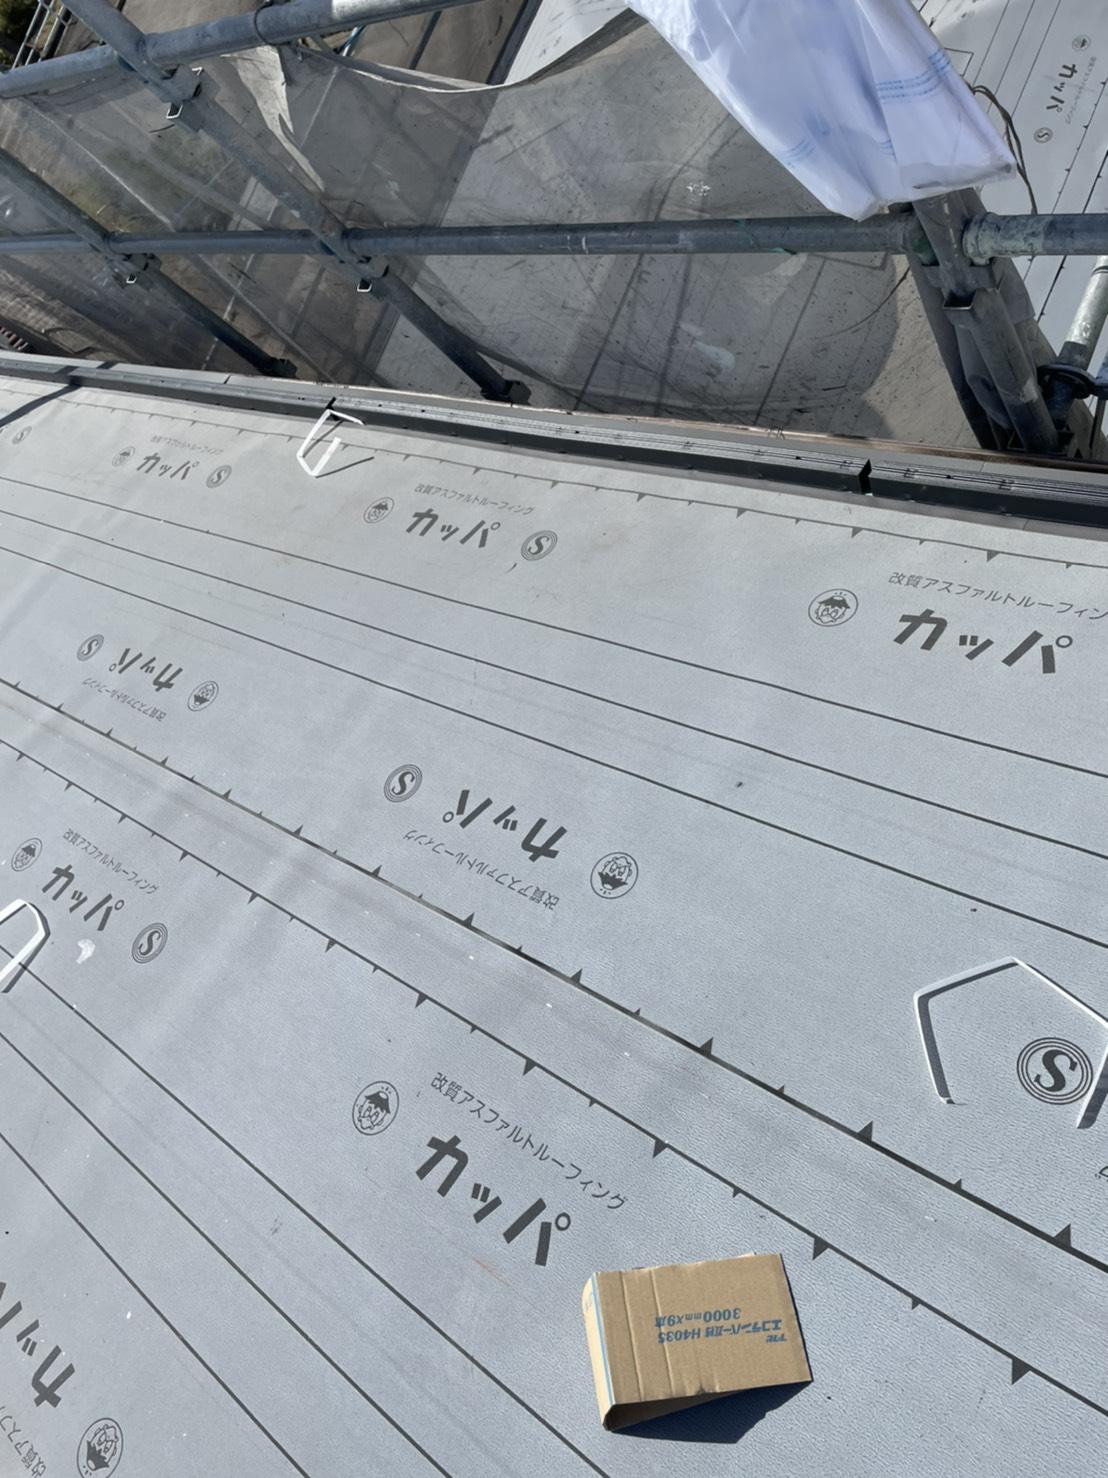 神戸市北区の屋根葺き替え工事で防水シートを貼った様子